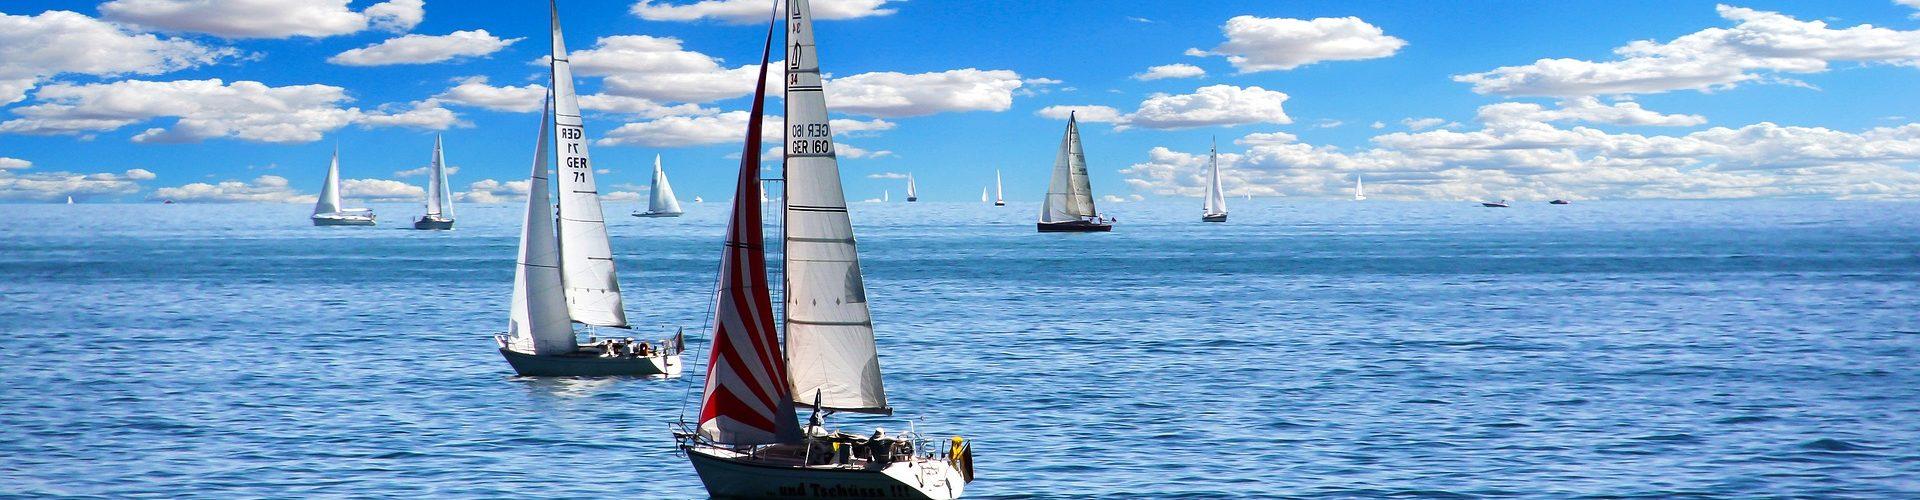 segeln lernen in Ennepetal segelschein machen in Ennepetal 1920x500 - Segeln lernen in Ennepetal